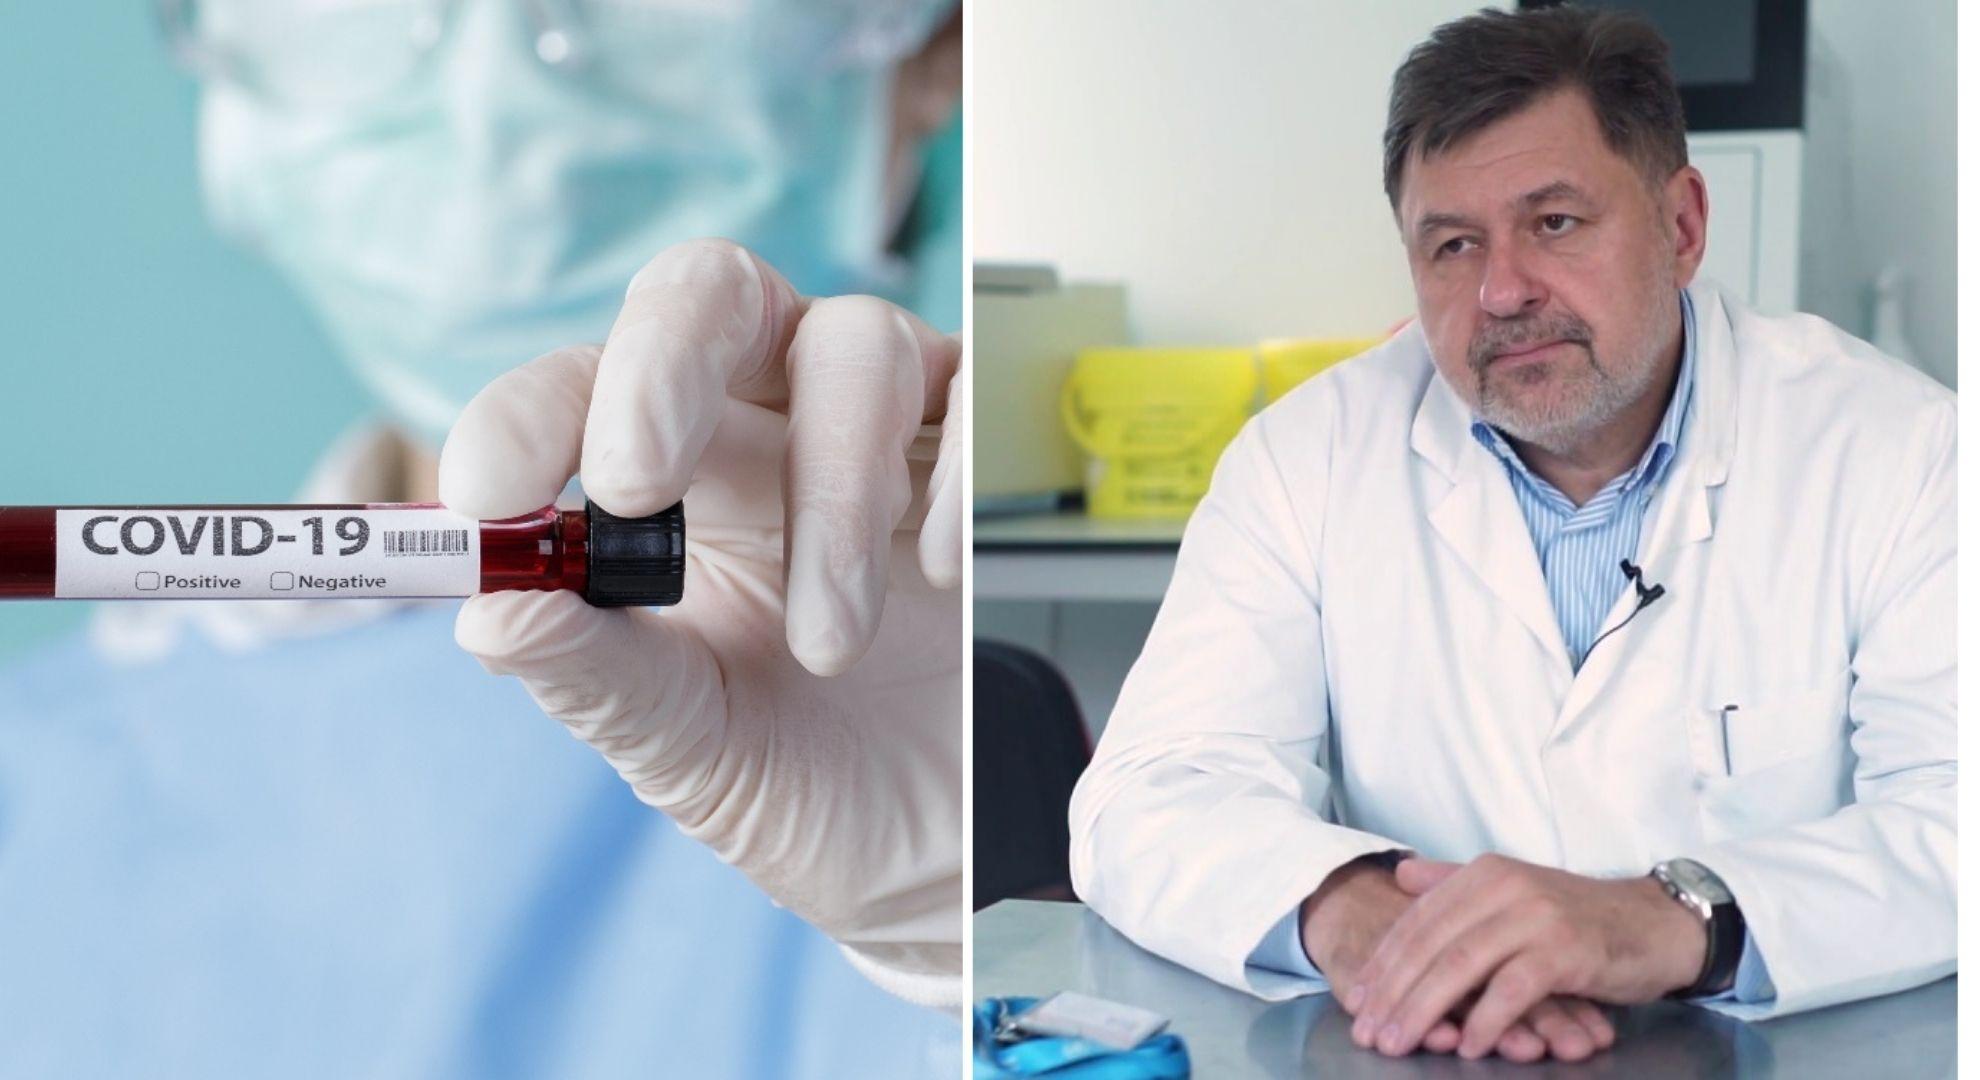 Profesorul Alexandru Rafila a intrat în izolare. Soția lui are coronavirus